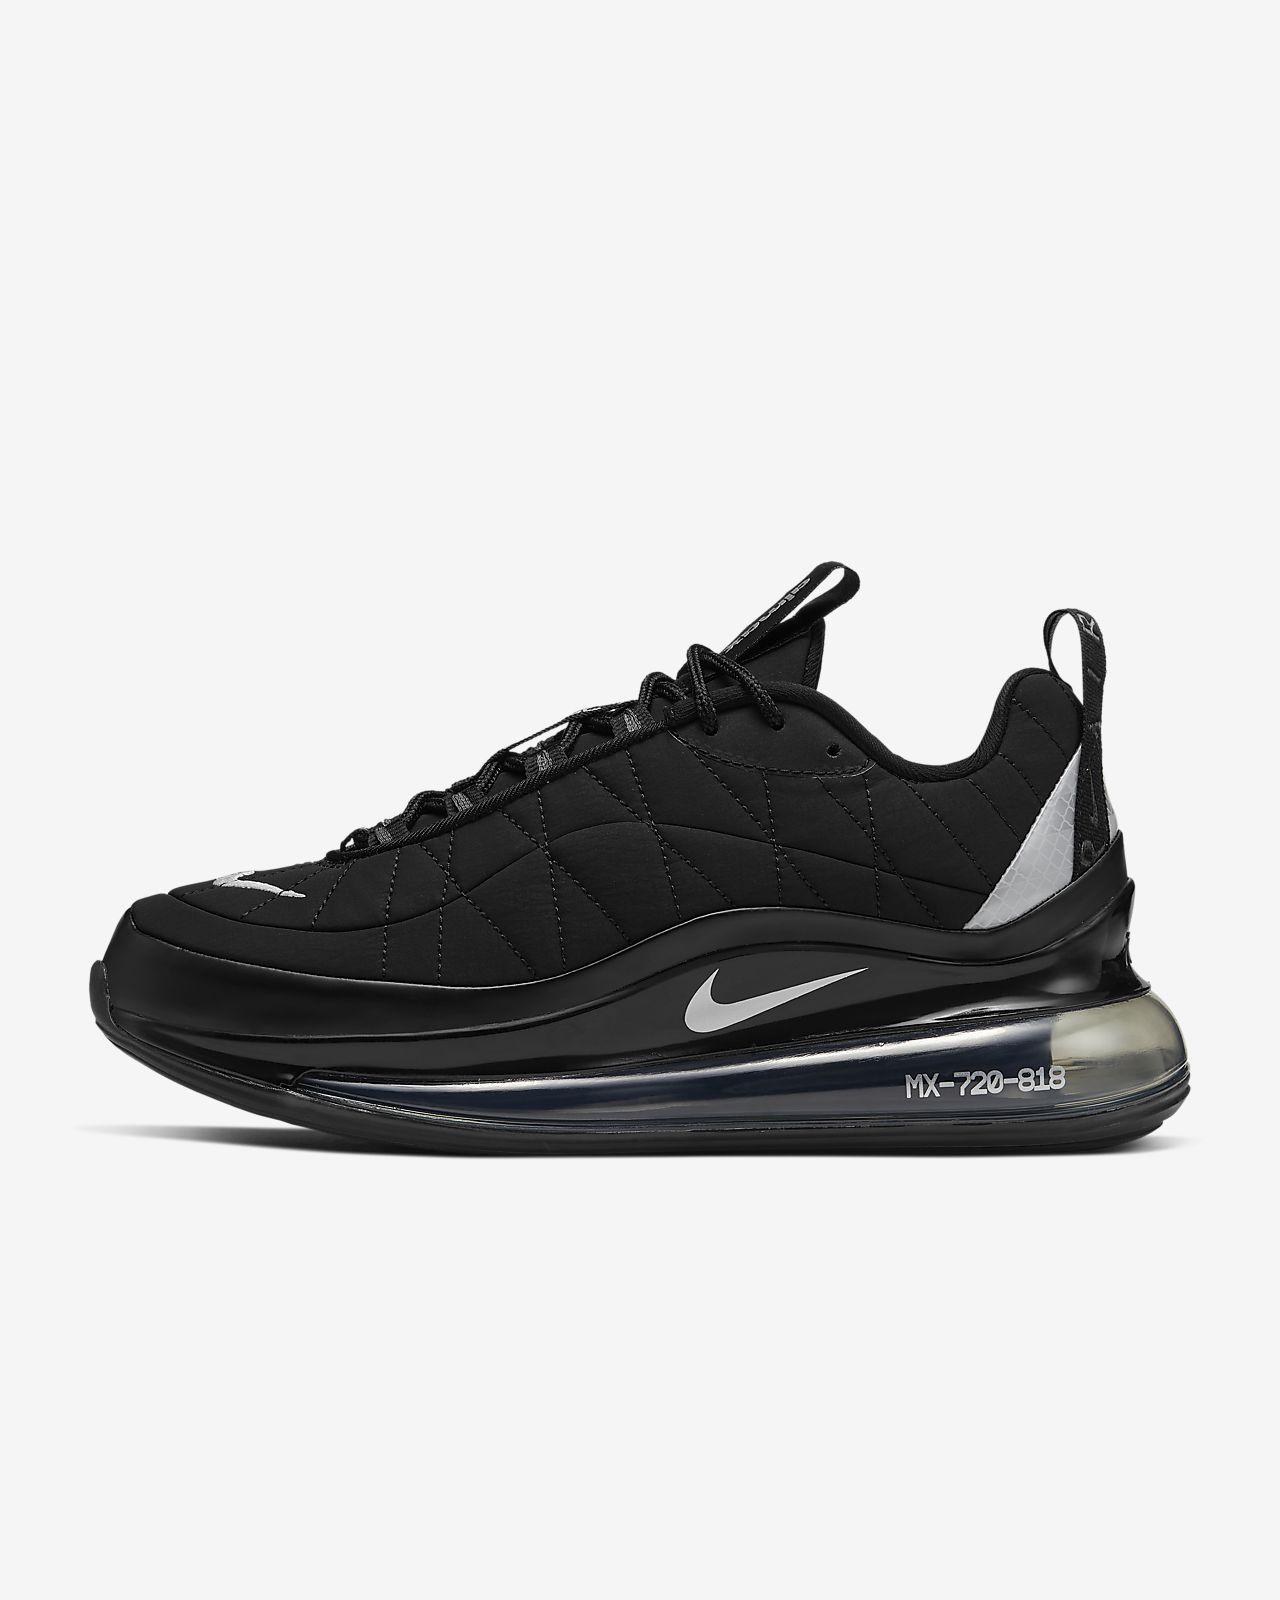 Γυναικείο παπούτσι Nike MX-720-818